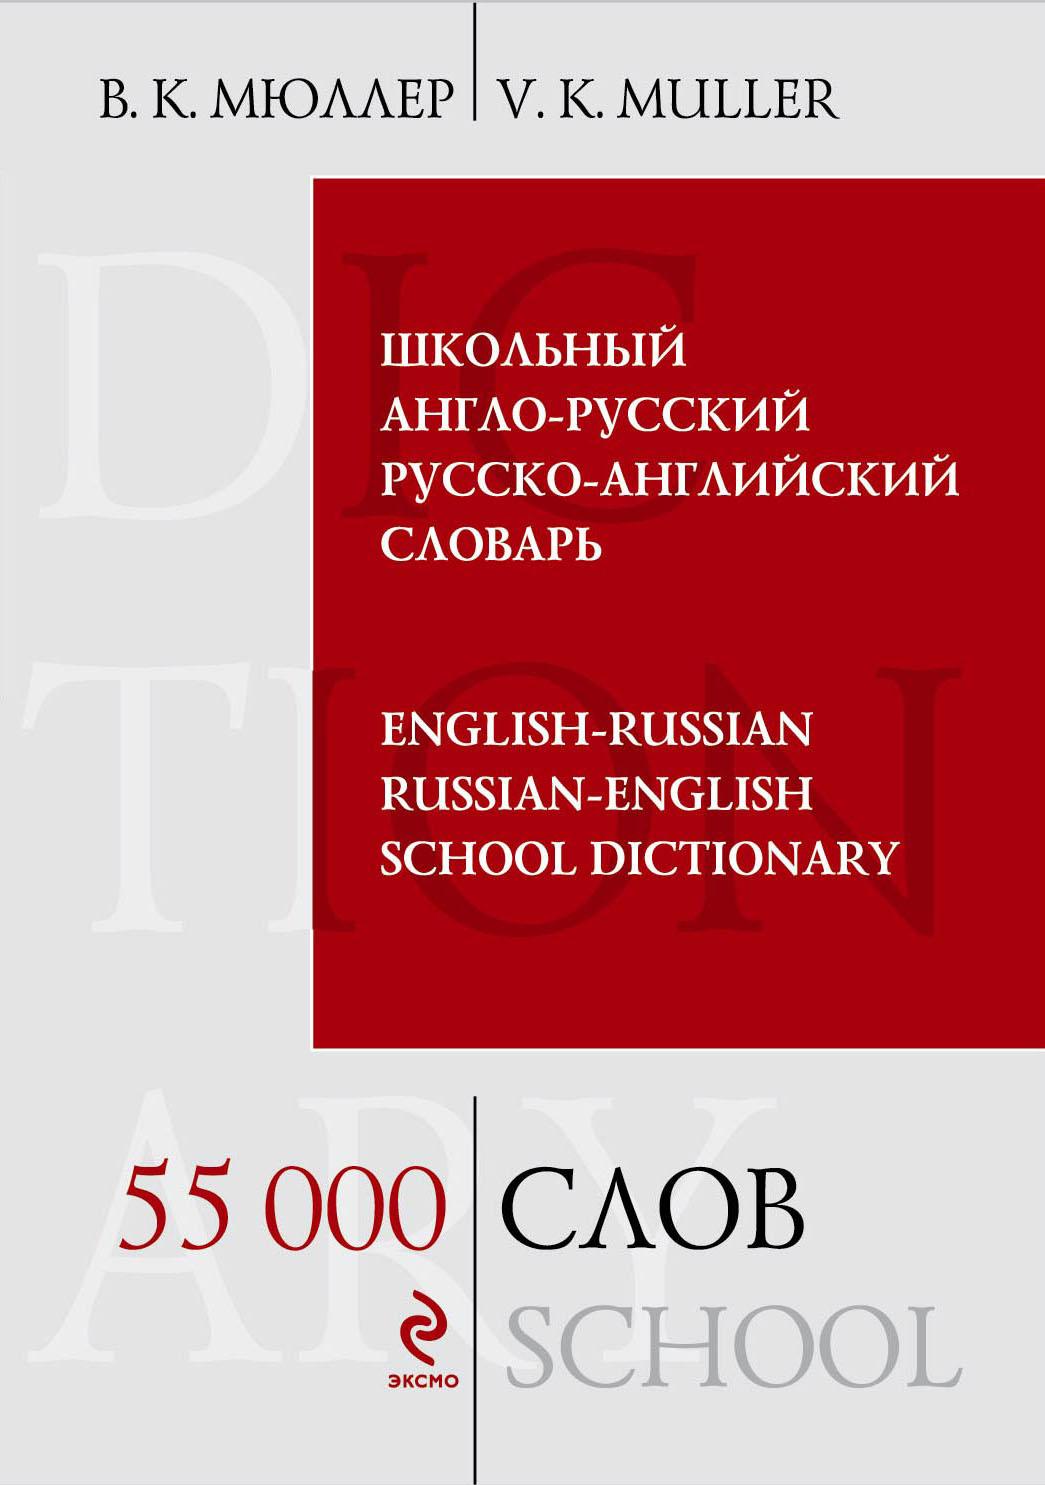 �������� �����-�������, ������-���������� ������� / English-Russian Russian-English School Dictionary